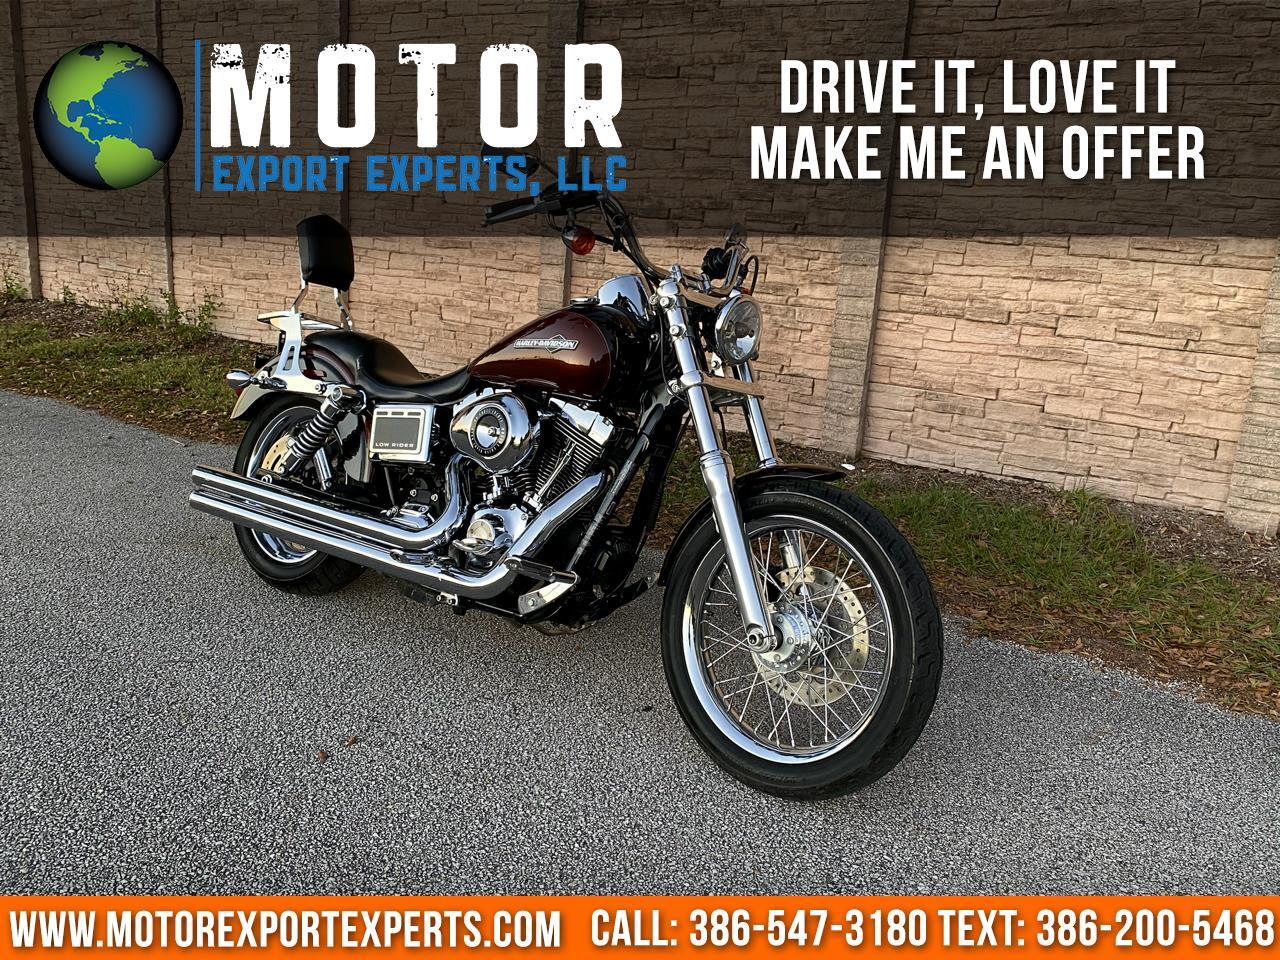 2011 Harley-Davidson FXDC DYNA SUPER GLIDE